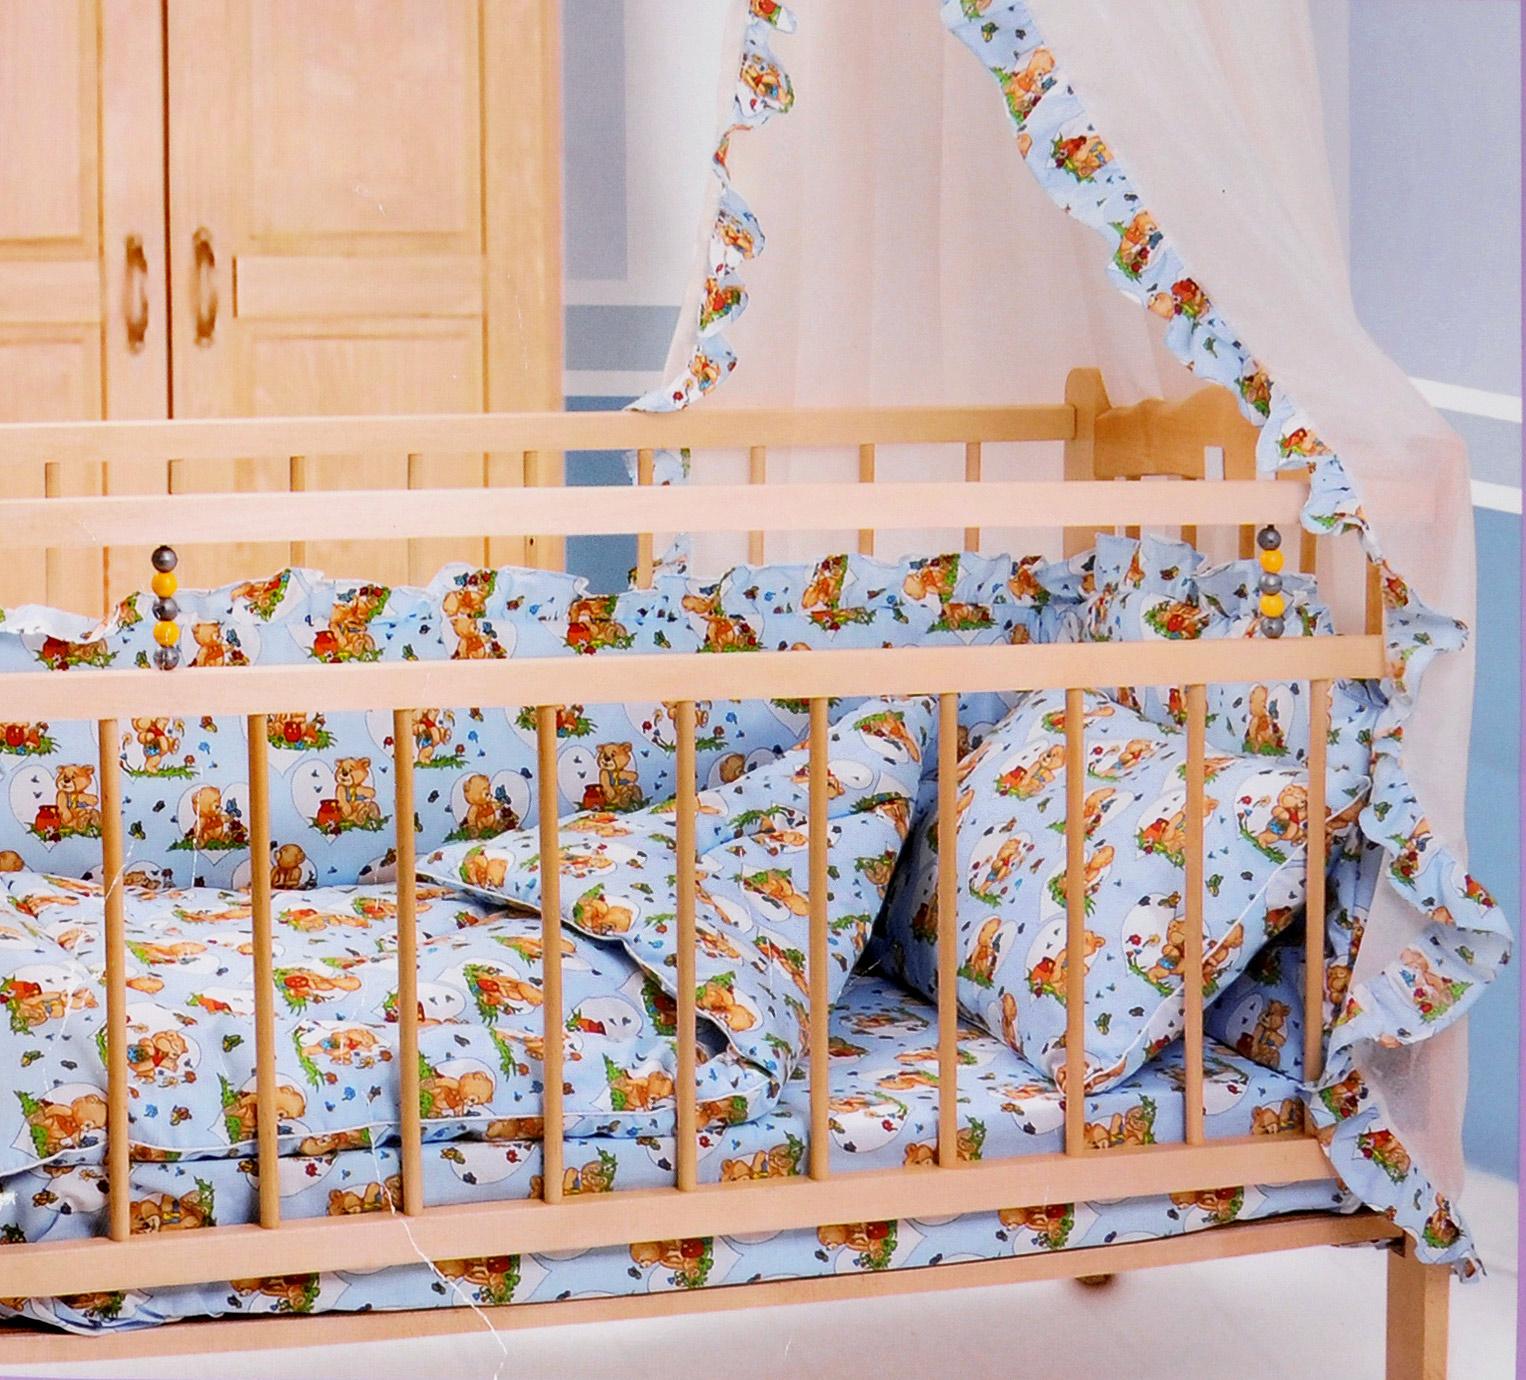 Комплект в кроватку Primavelle Кроха, цвет: голубой, 5 предметов521104Комплект в кроватку Primavelle Кроха прекрасно подойдет для кроватки вашего малыша, добавит комнате уюта и согреет в прохладные дни. В качестве материала верха использованы 70% хлопка и 30% полиэстера. Мягкая ткань не раздражает чувствительную и нежную кожу ребенка и хорошо вентилируется. Подушка и одеяло наполнены гипоаллергенным экофайбером, который не впитывает запах и пыль. В комплекте - удобный карман на кроватку для всех необходимых вещей.Очень важно, чтобы ваш малыш хорошо спал - это залог его здоровья, а значит вашего спокойствия. Комплект Primavelle Кроха идеально подойдет для кроватки вашего малыша. На нем ваш кроха будет спать здоровым и крепким сном.Комплектация:- бортик (150 см х 35 см); - простыня (120 см х 180 см);- подушка (40 см х 60 см);- одеяло (110 см х 140 см);- кармашек (60 см х 45 см).